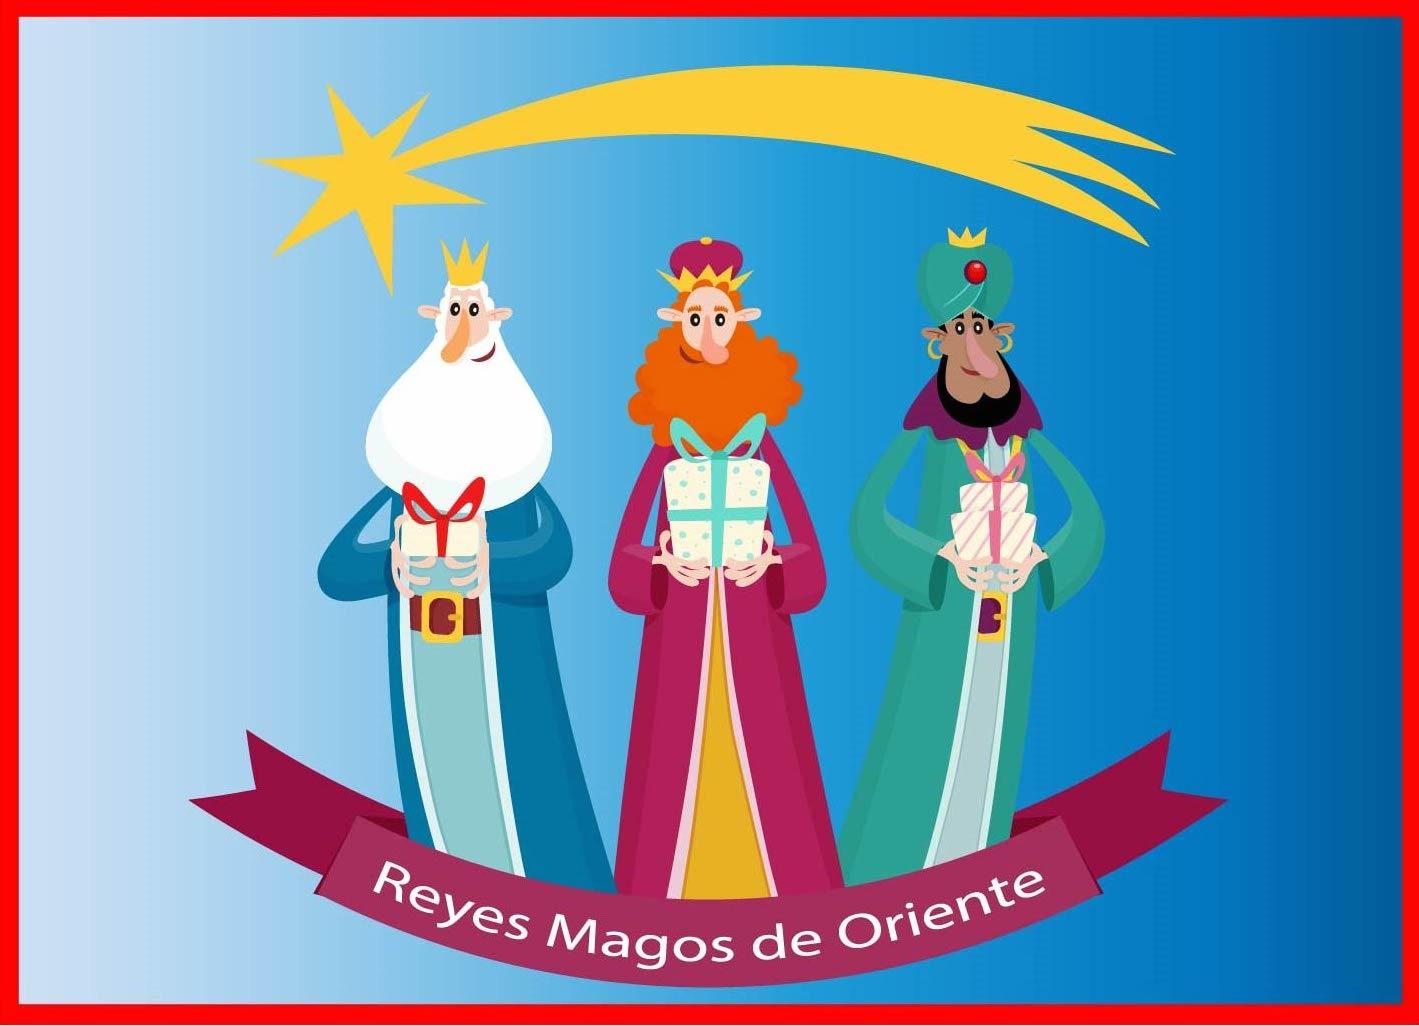 Los Reyes Magos: historia y tradición